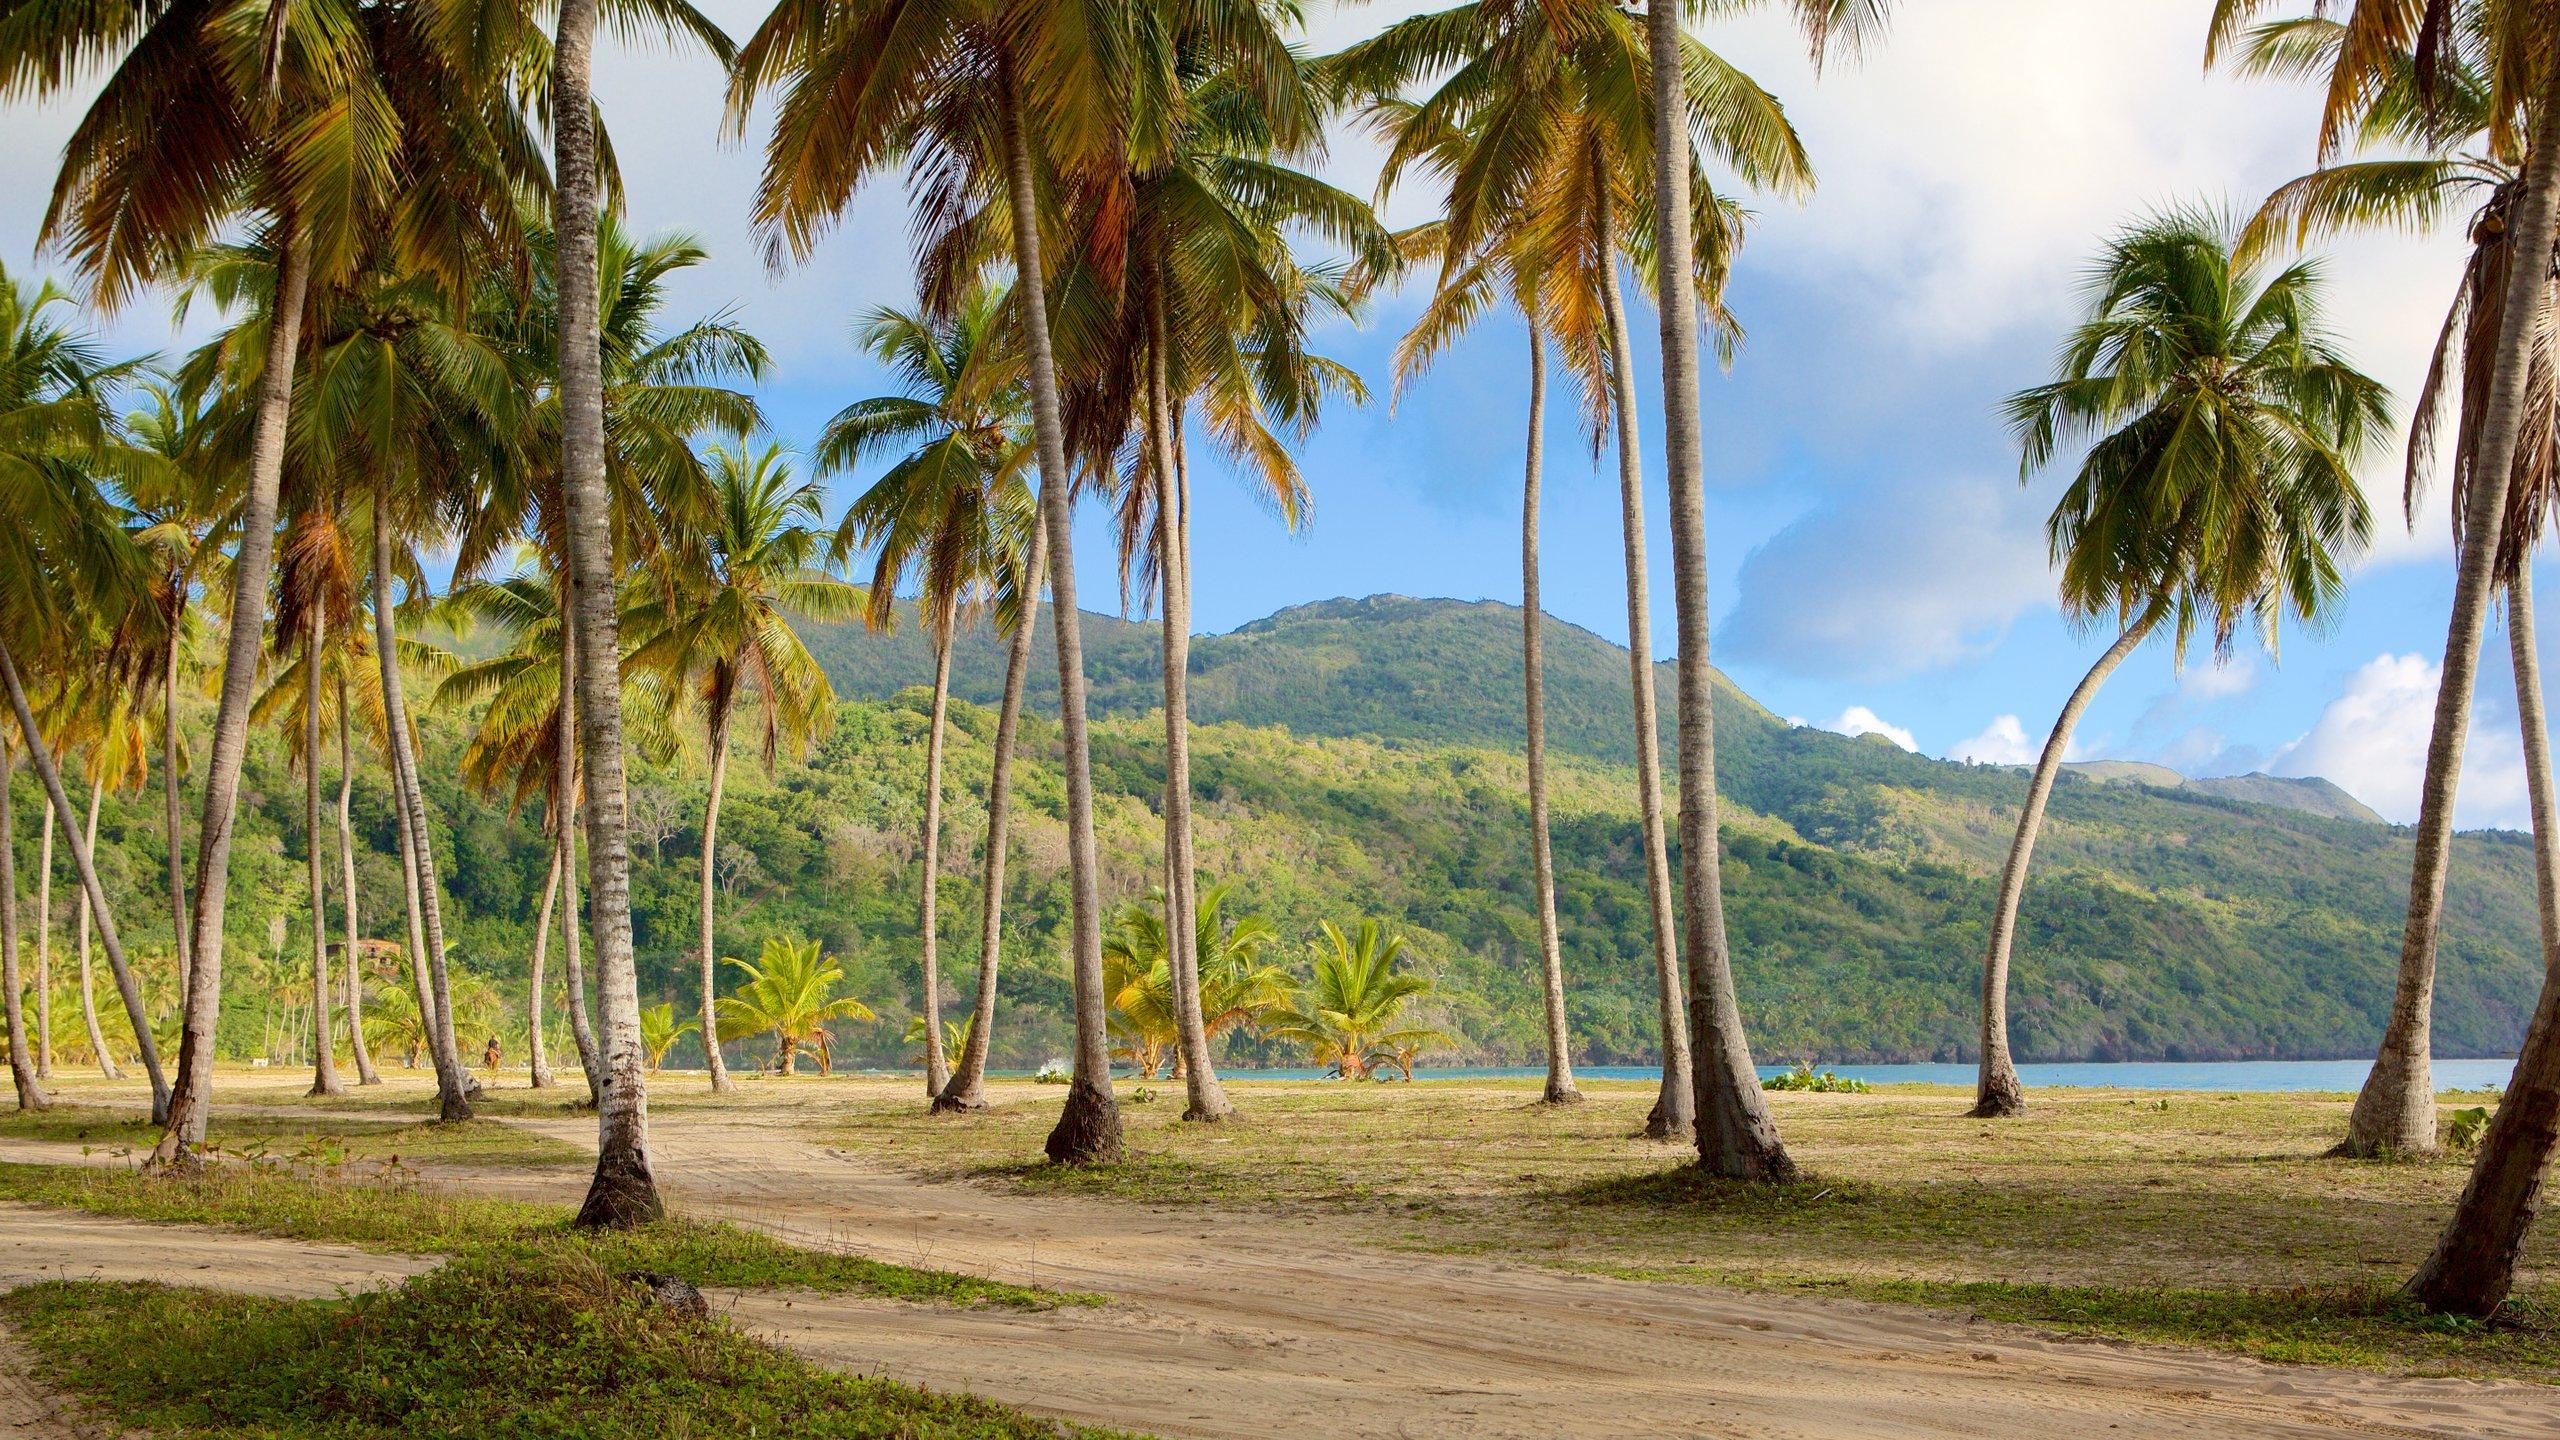 Las Galeras, Samana (province), Dominican Republic